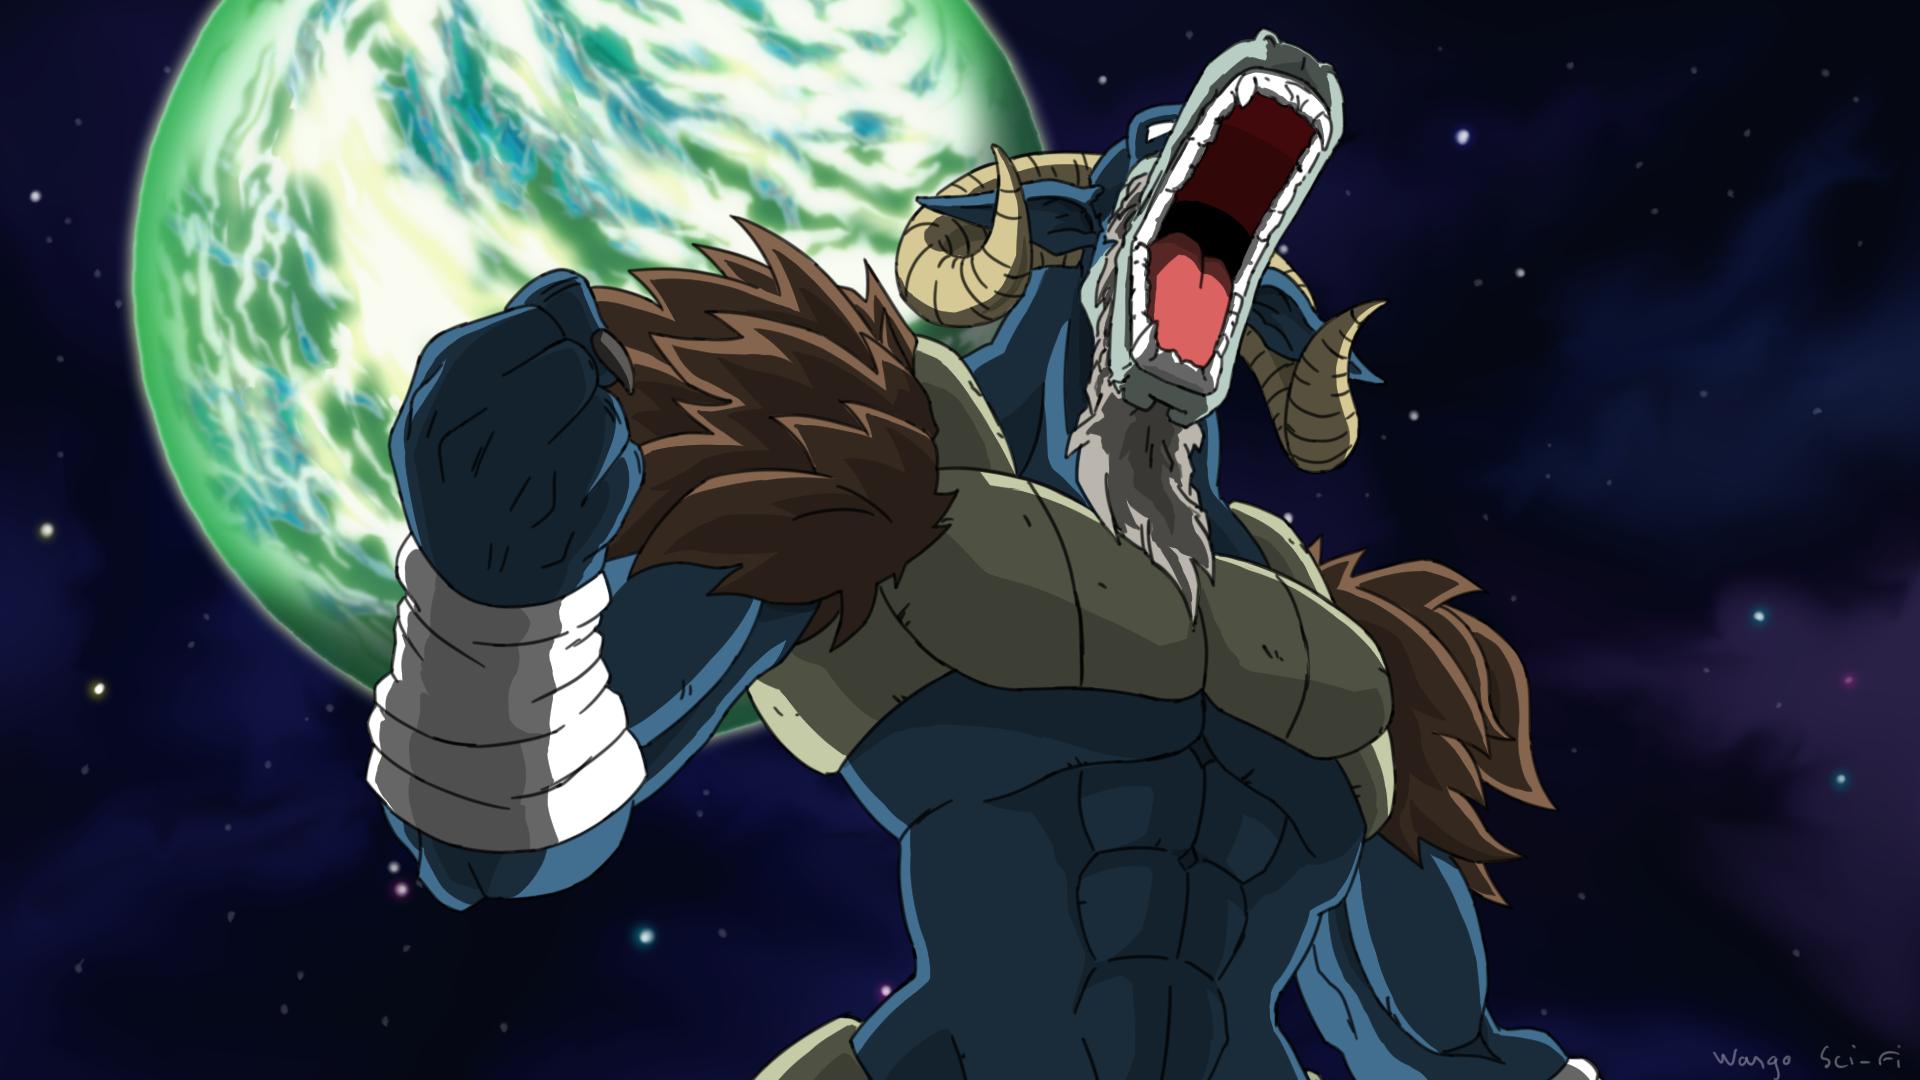 Dragon Ball Super Manga Chapter 62: Moro's Full Power Revealed